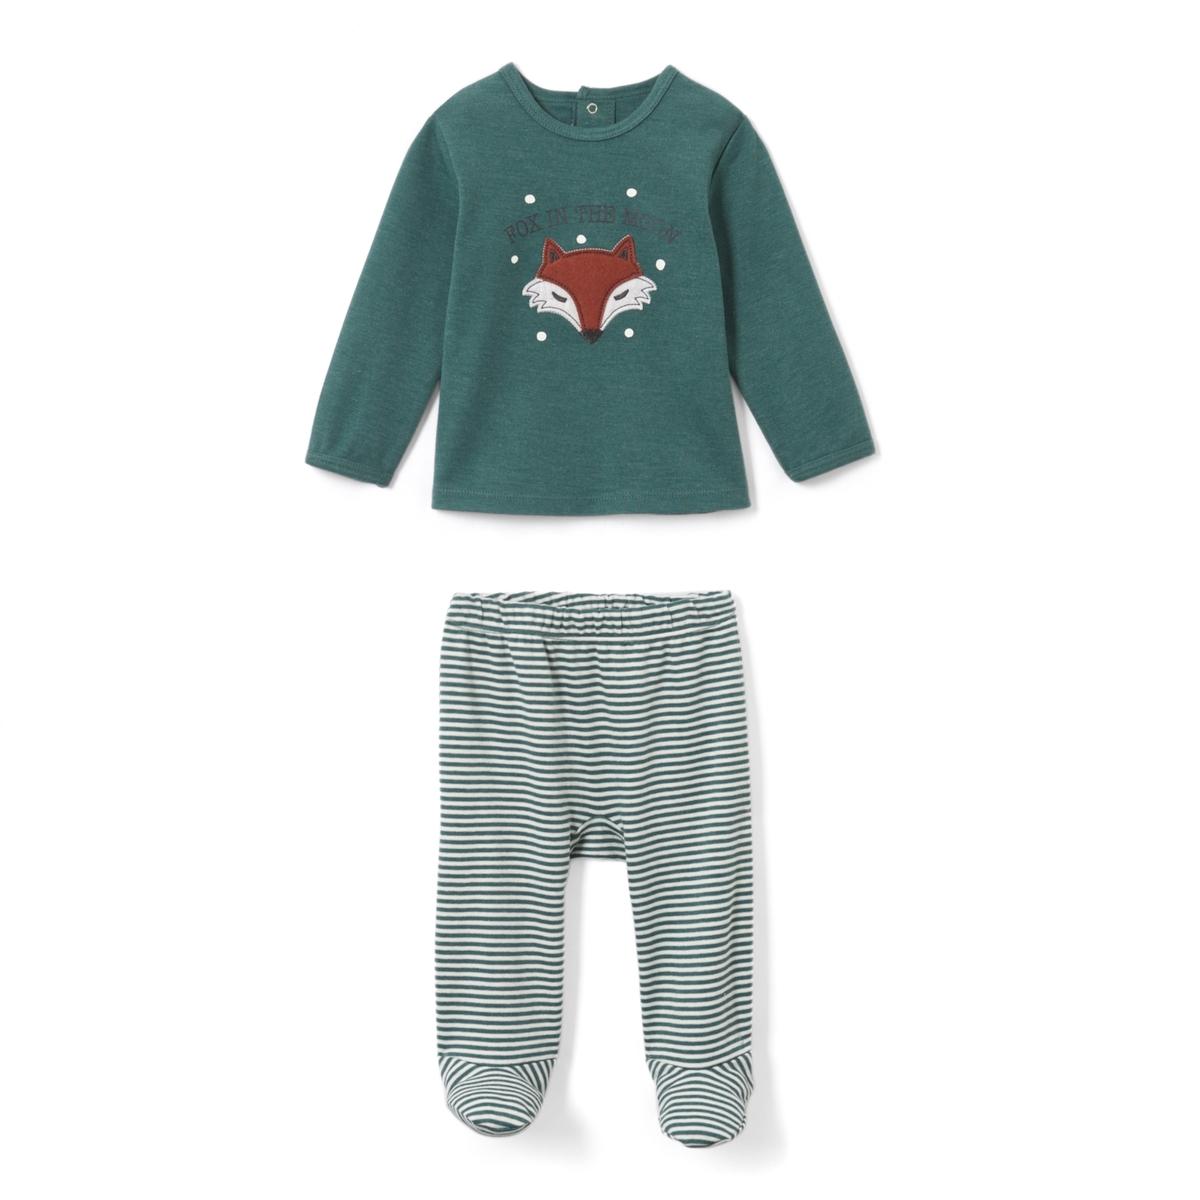 Пижама из 2 предметов с закрытыми ножками